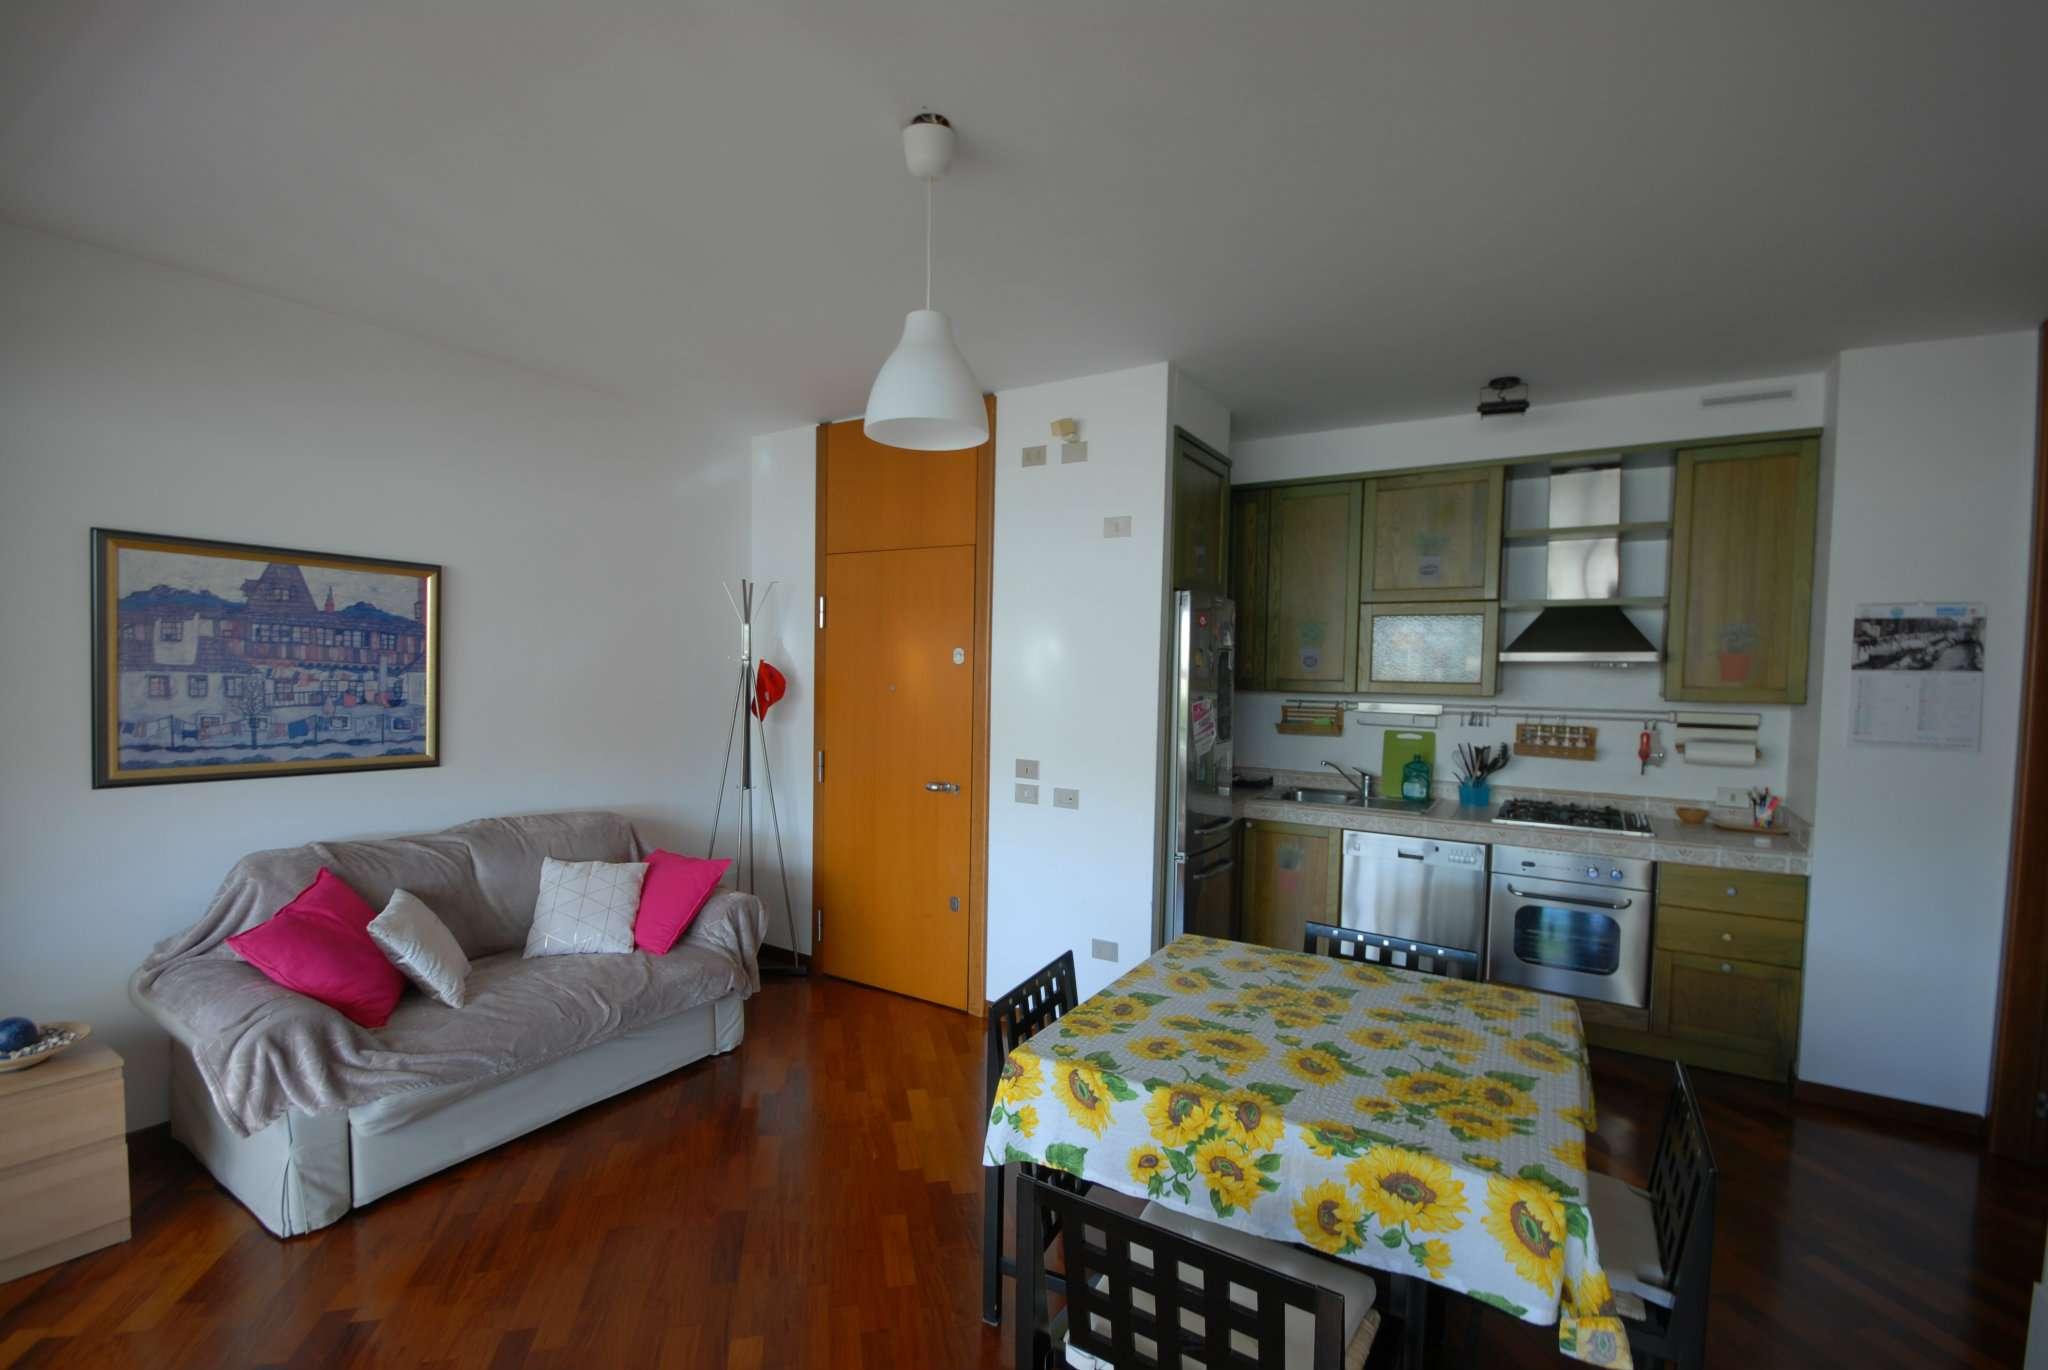 Appartamento in vendita a Basiglio, 9999 locali, prezzo € 165.000 | CambioCasa.it